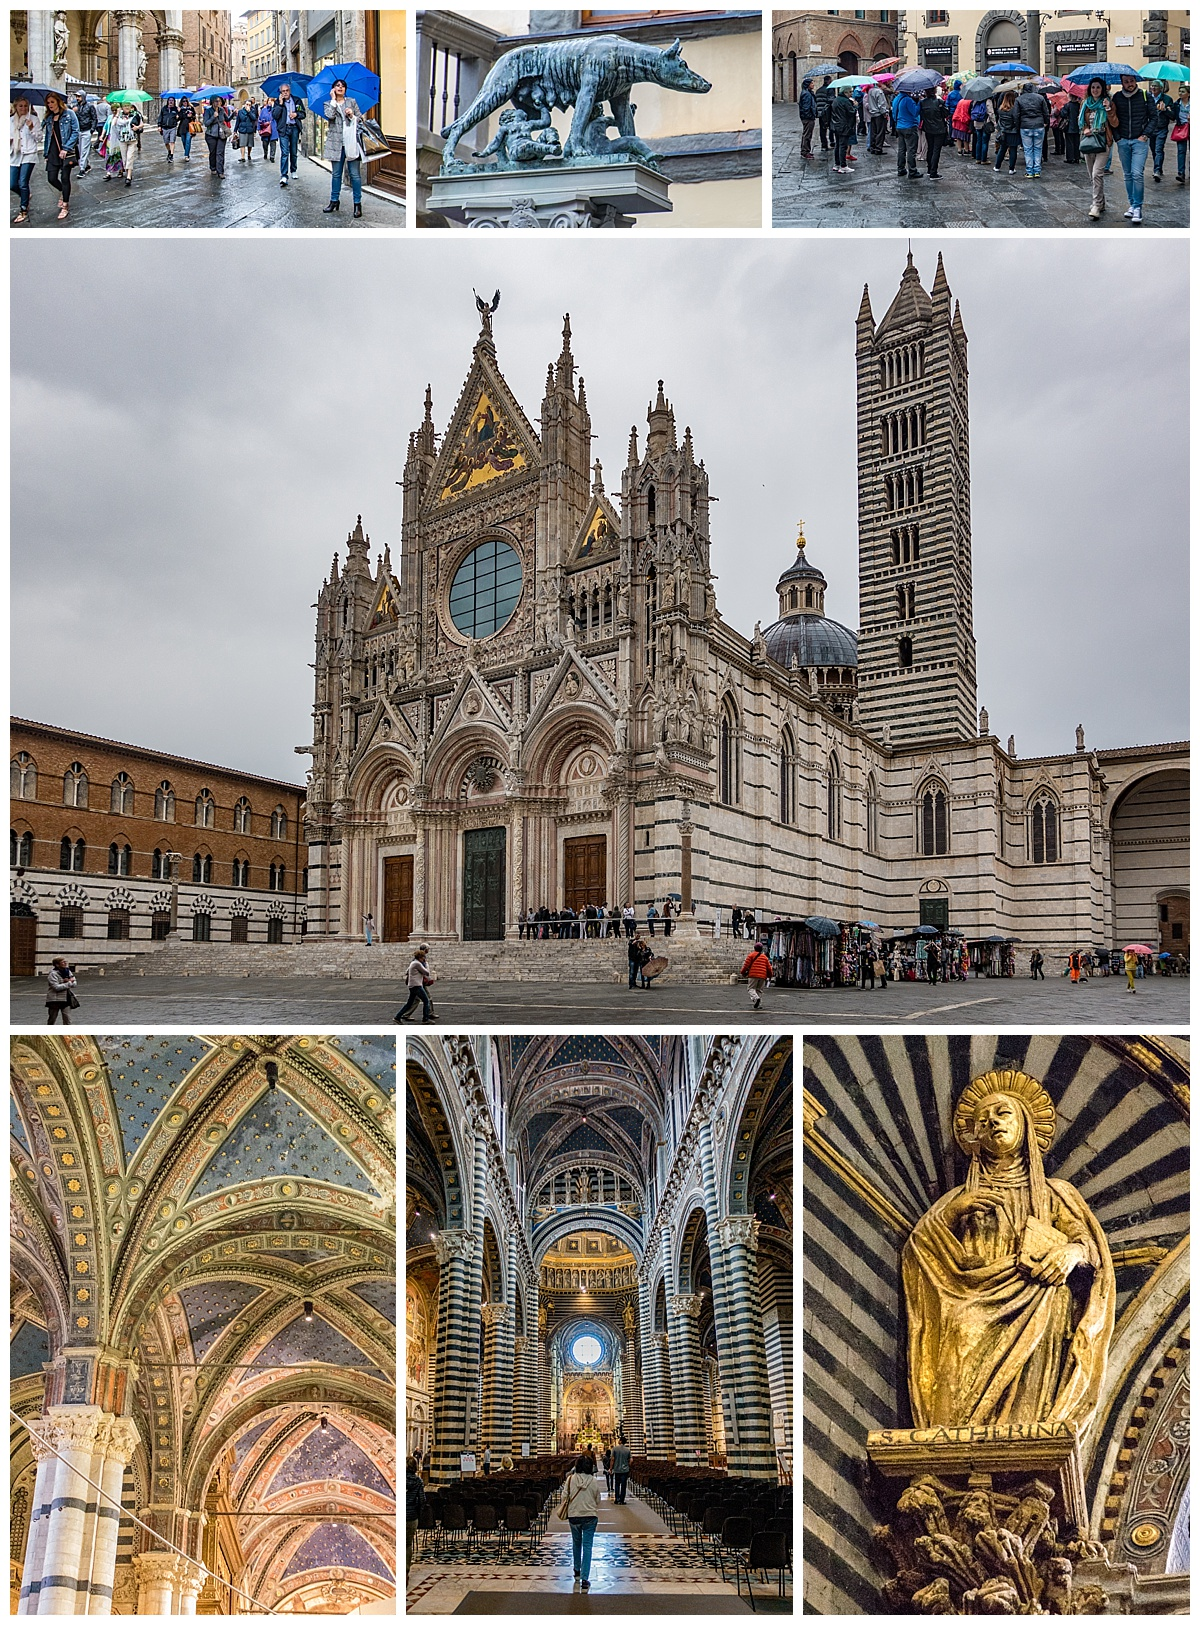 Tuscany Italy - duomo